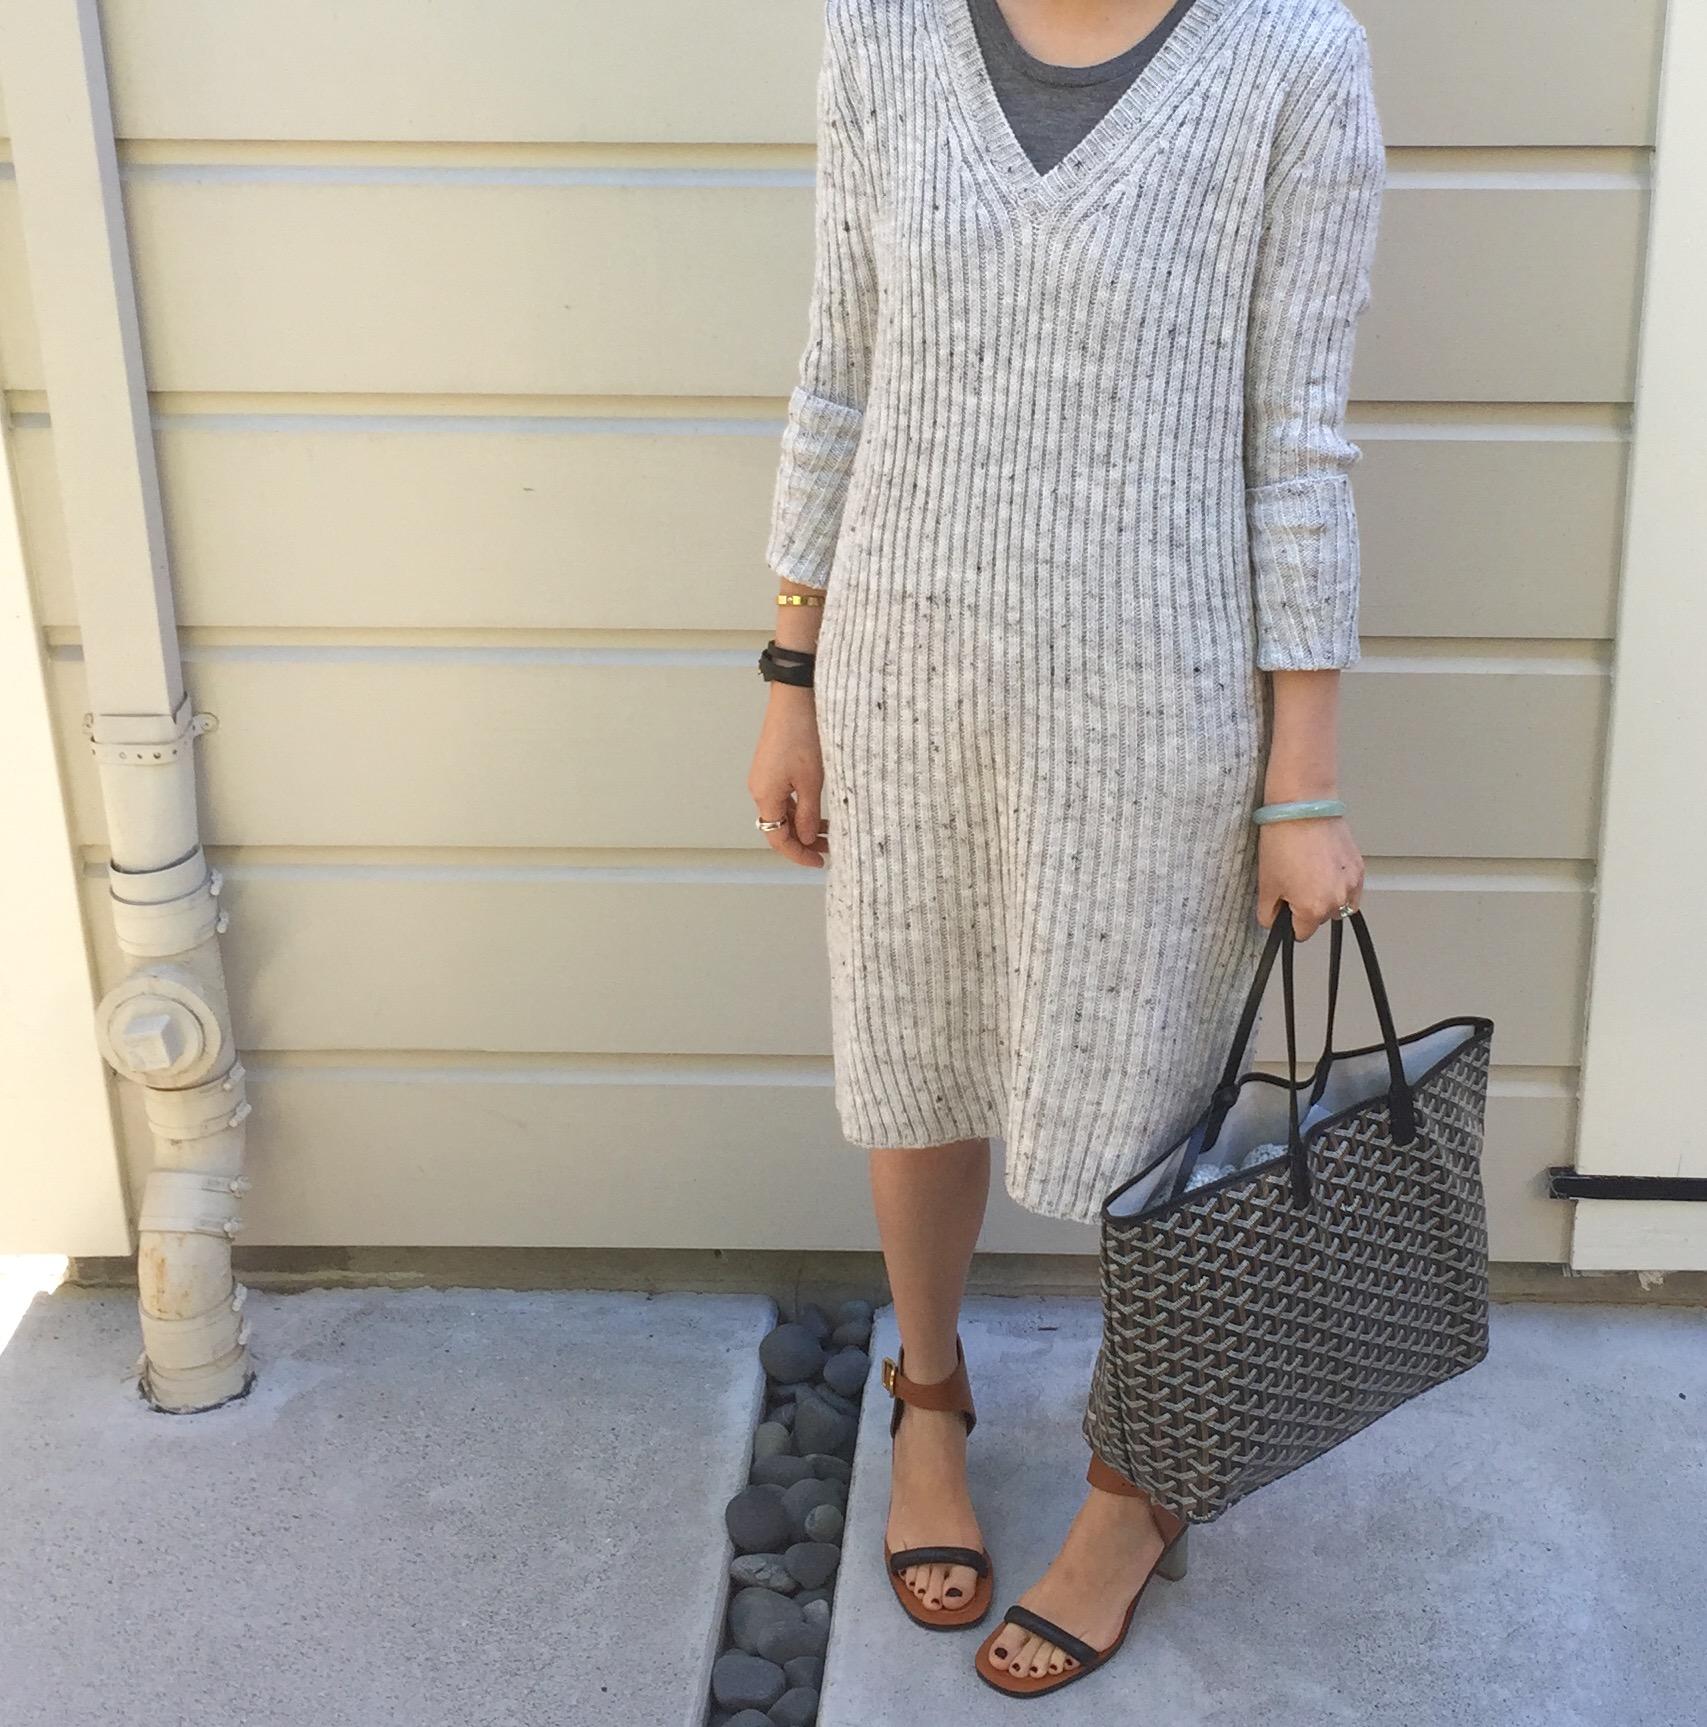 3629c1cd328c ... sweater dress with side slit goyard bag and celine bam bam sandals ...